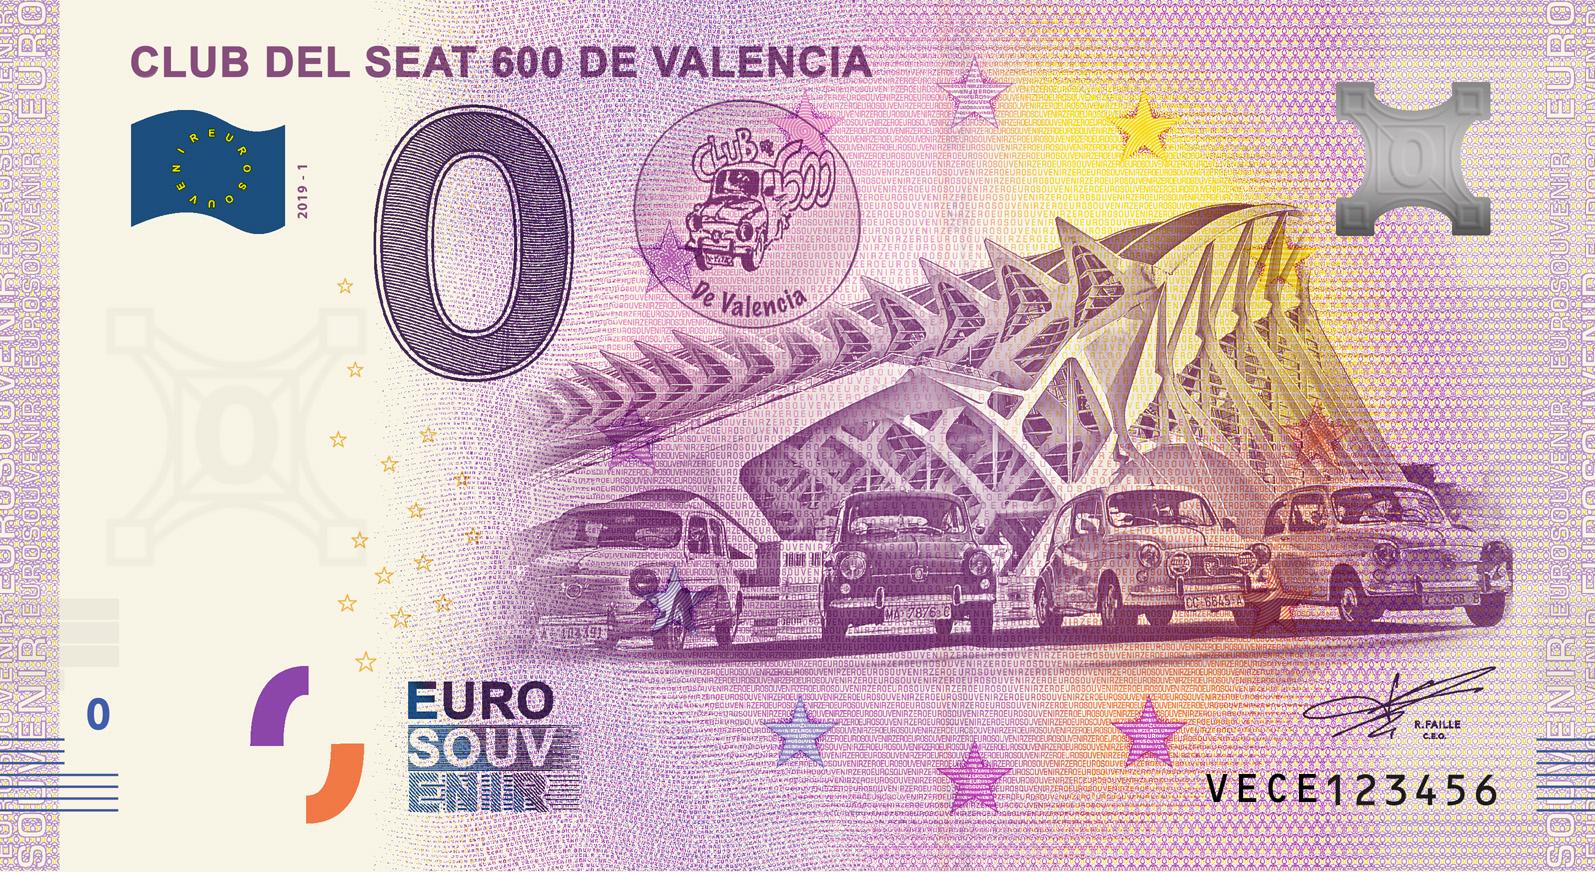 FRA_VECE1_Club_del_seat_600_de_valencia_2019.jpg